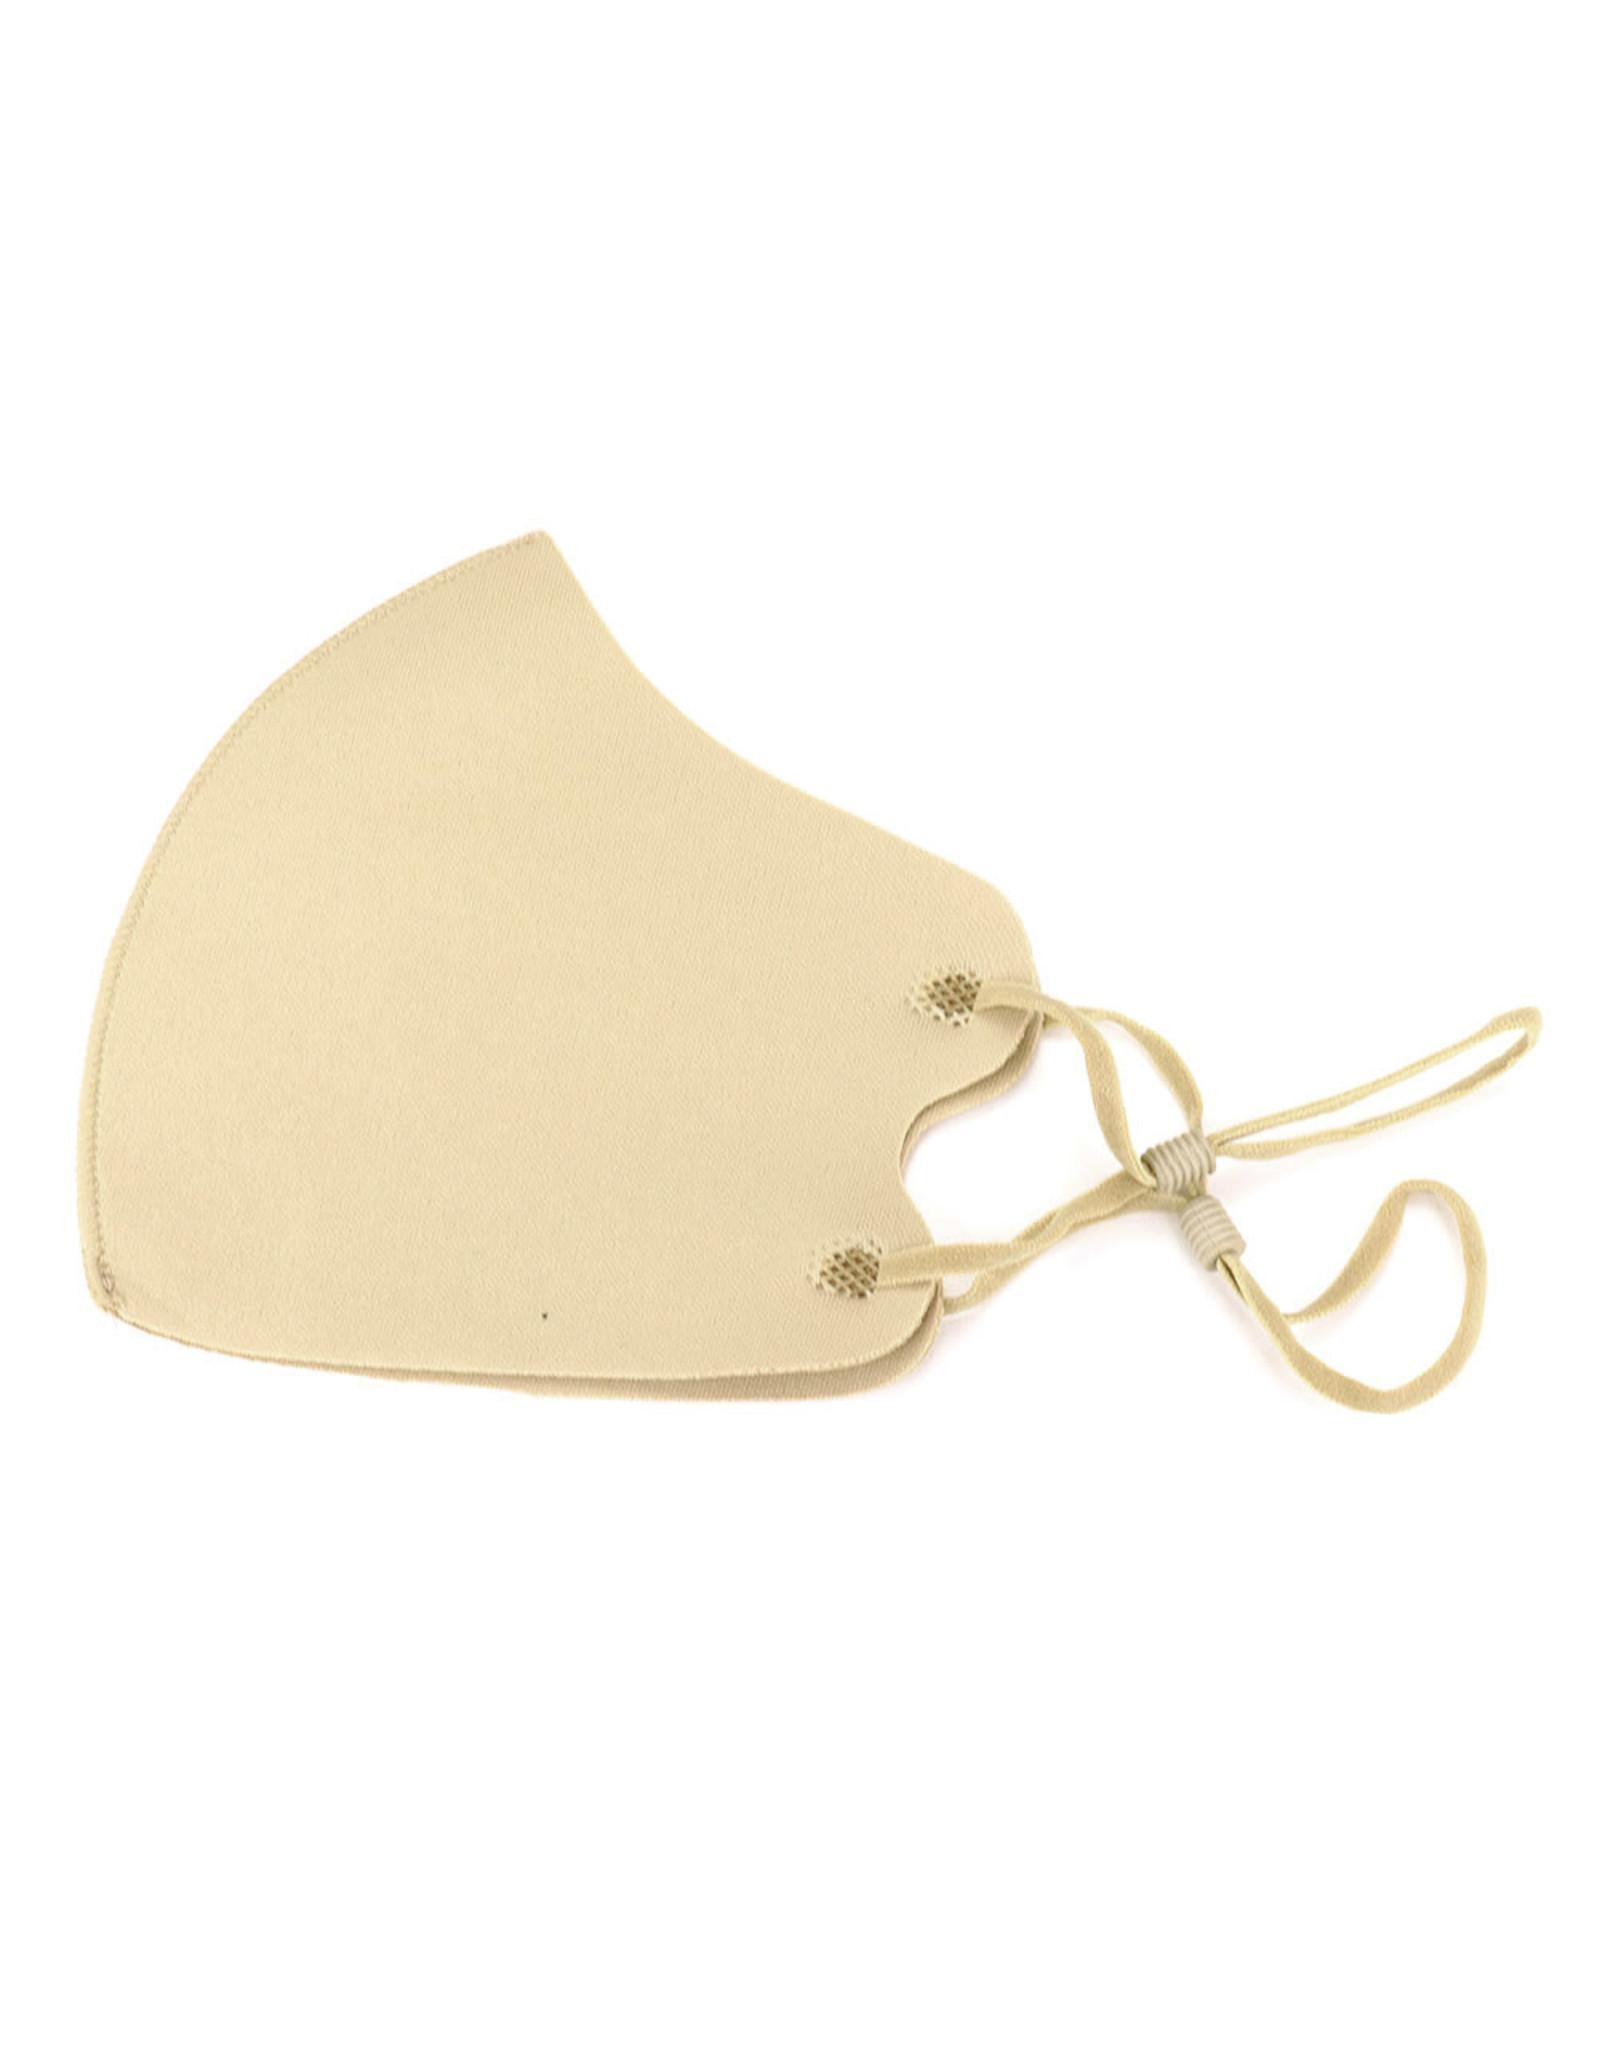 Nude Adjustable Mask